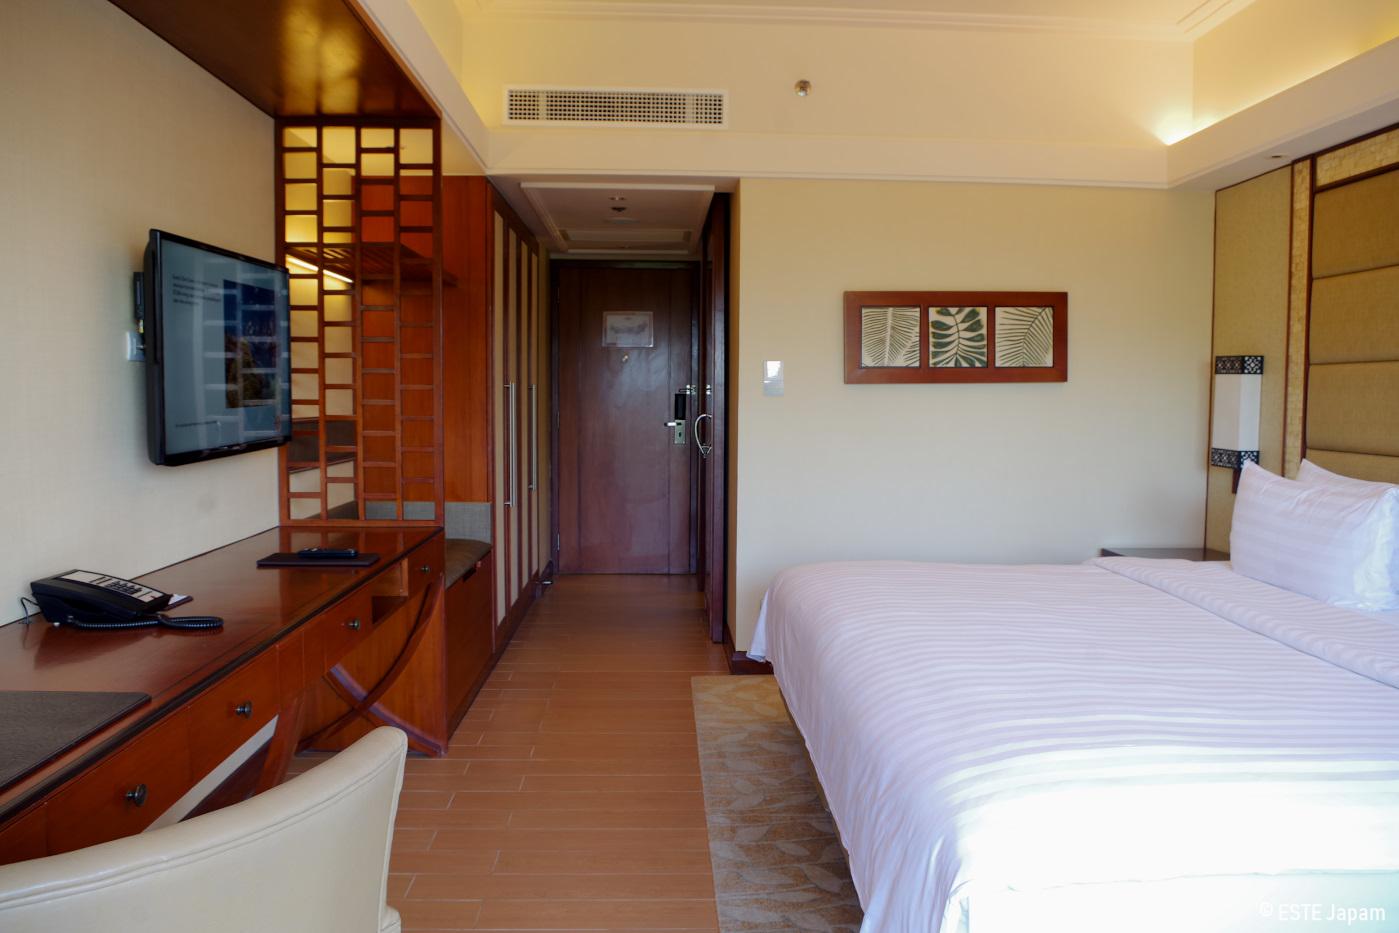 シャングリラホテルの部屋